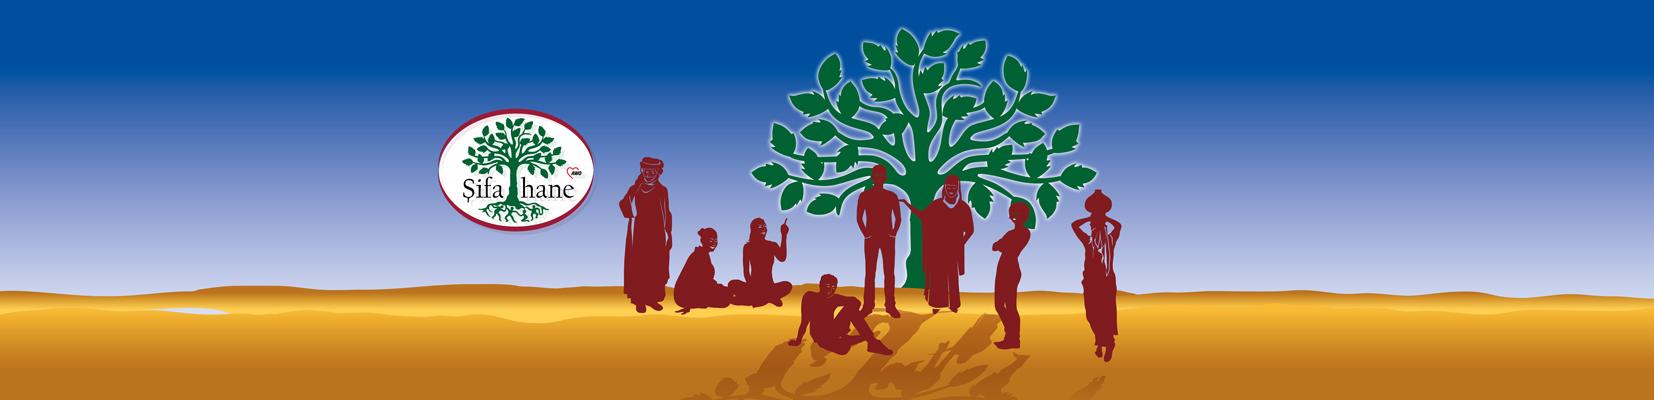 Logo und Imagebild von sifahane